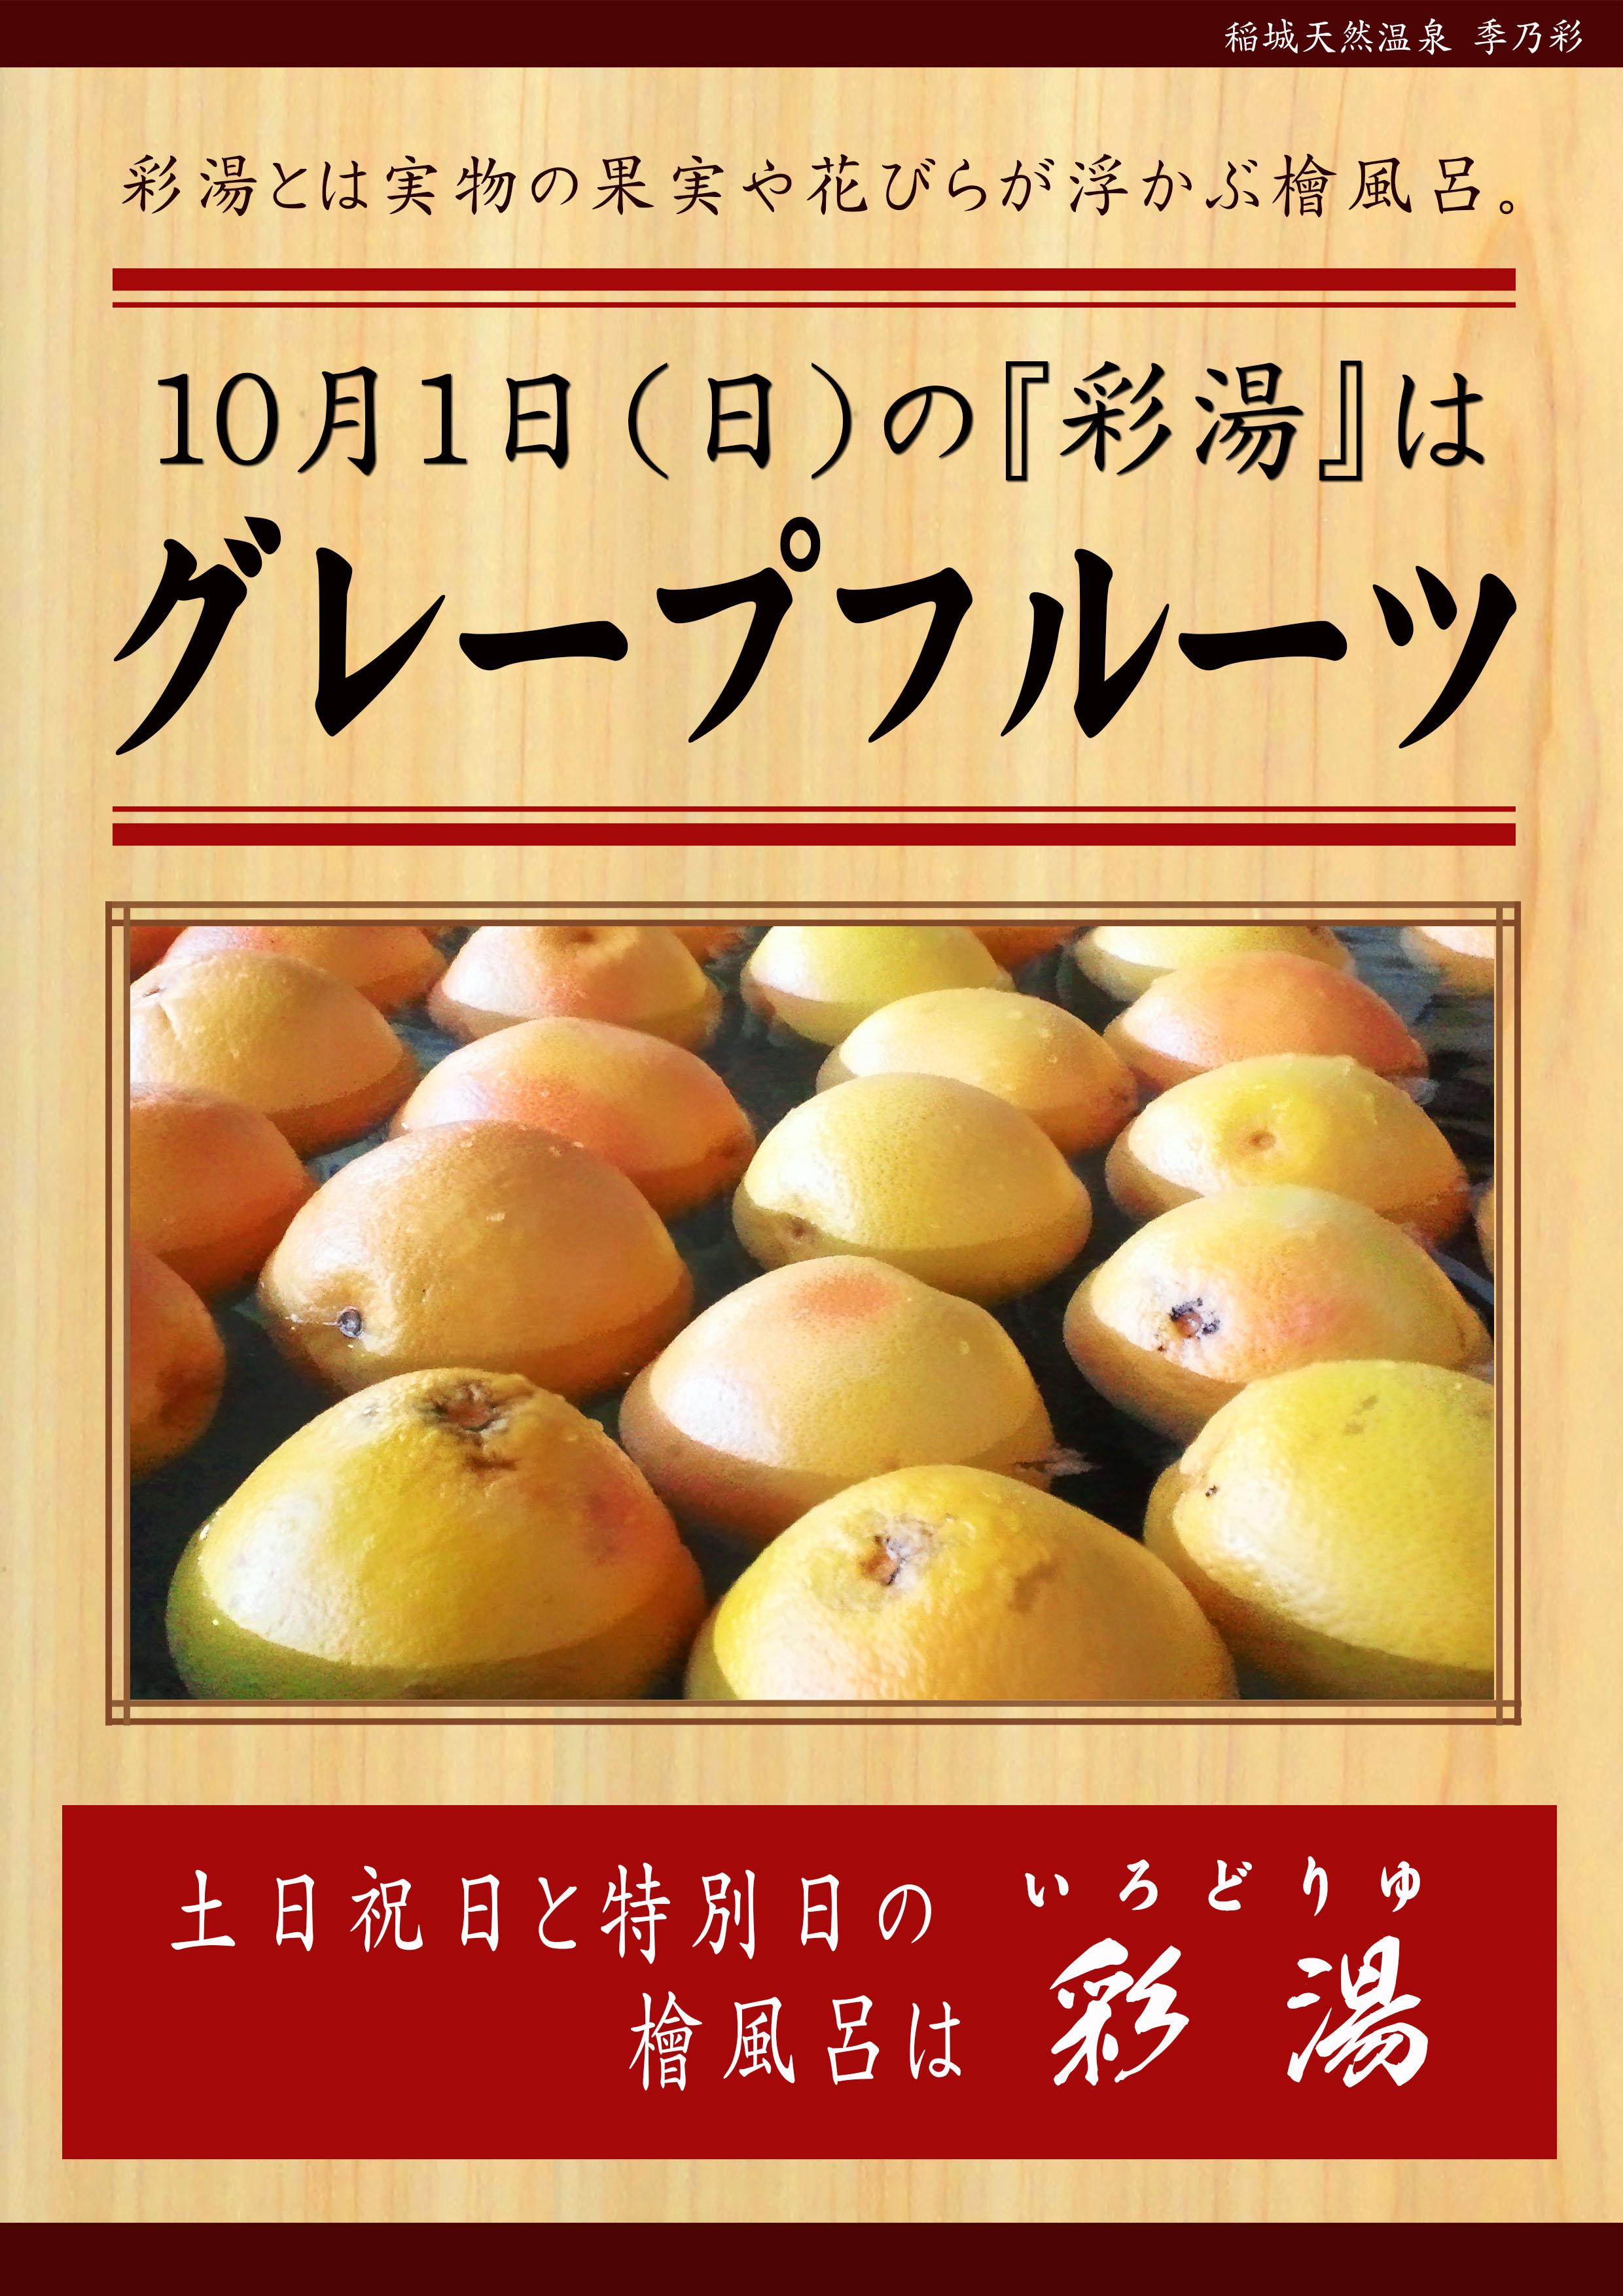 20171001POP イベント 彩湯 グレープフルーツ